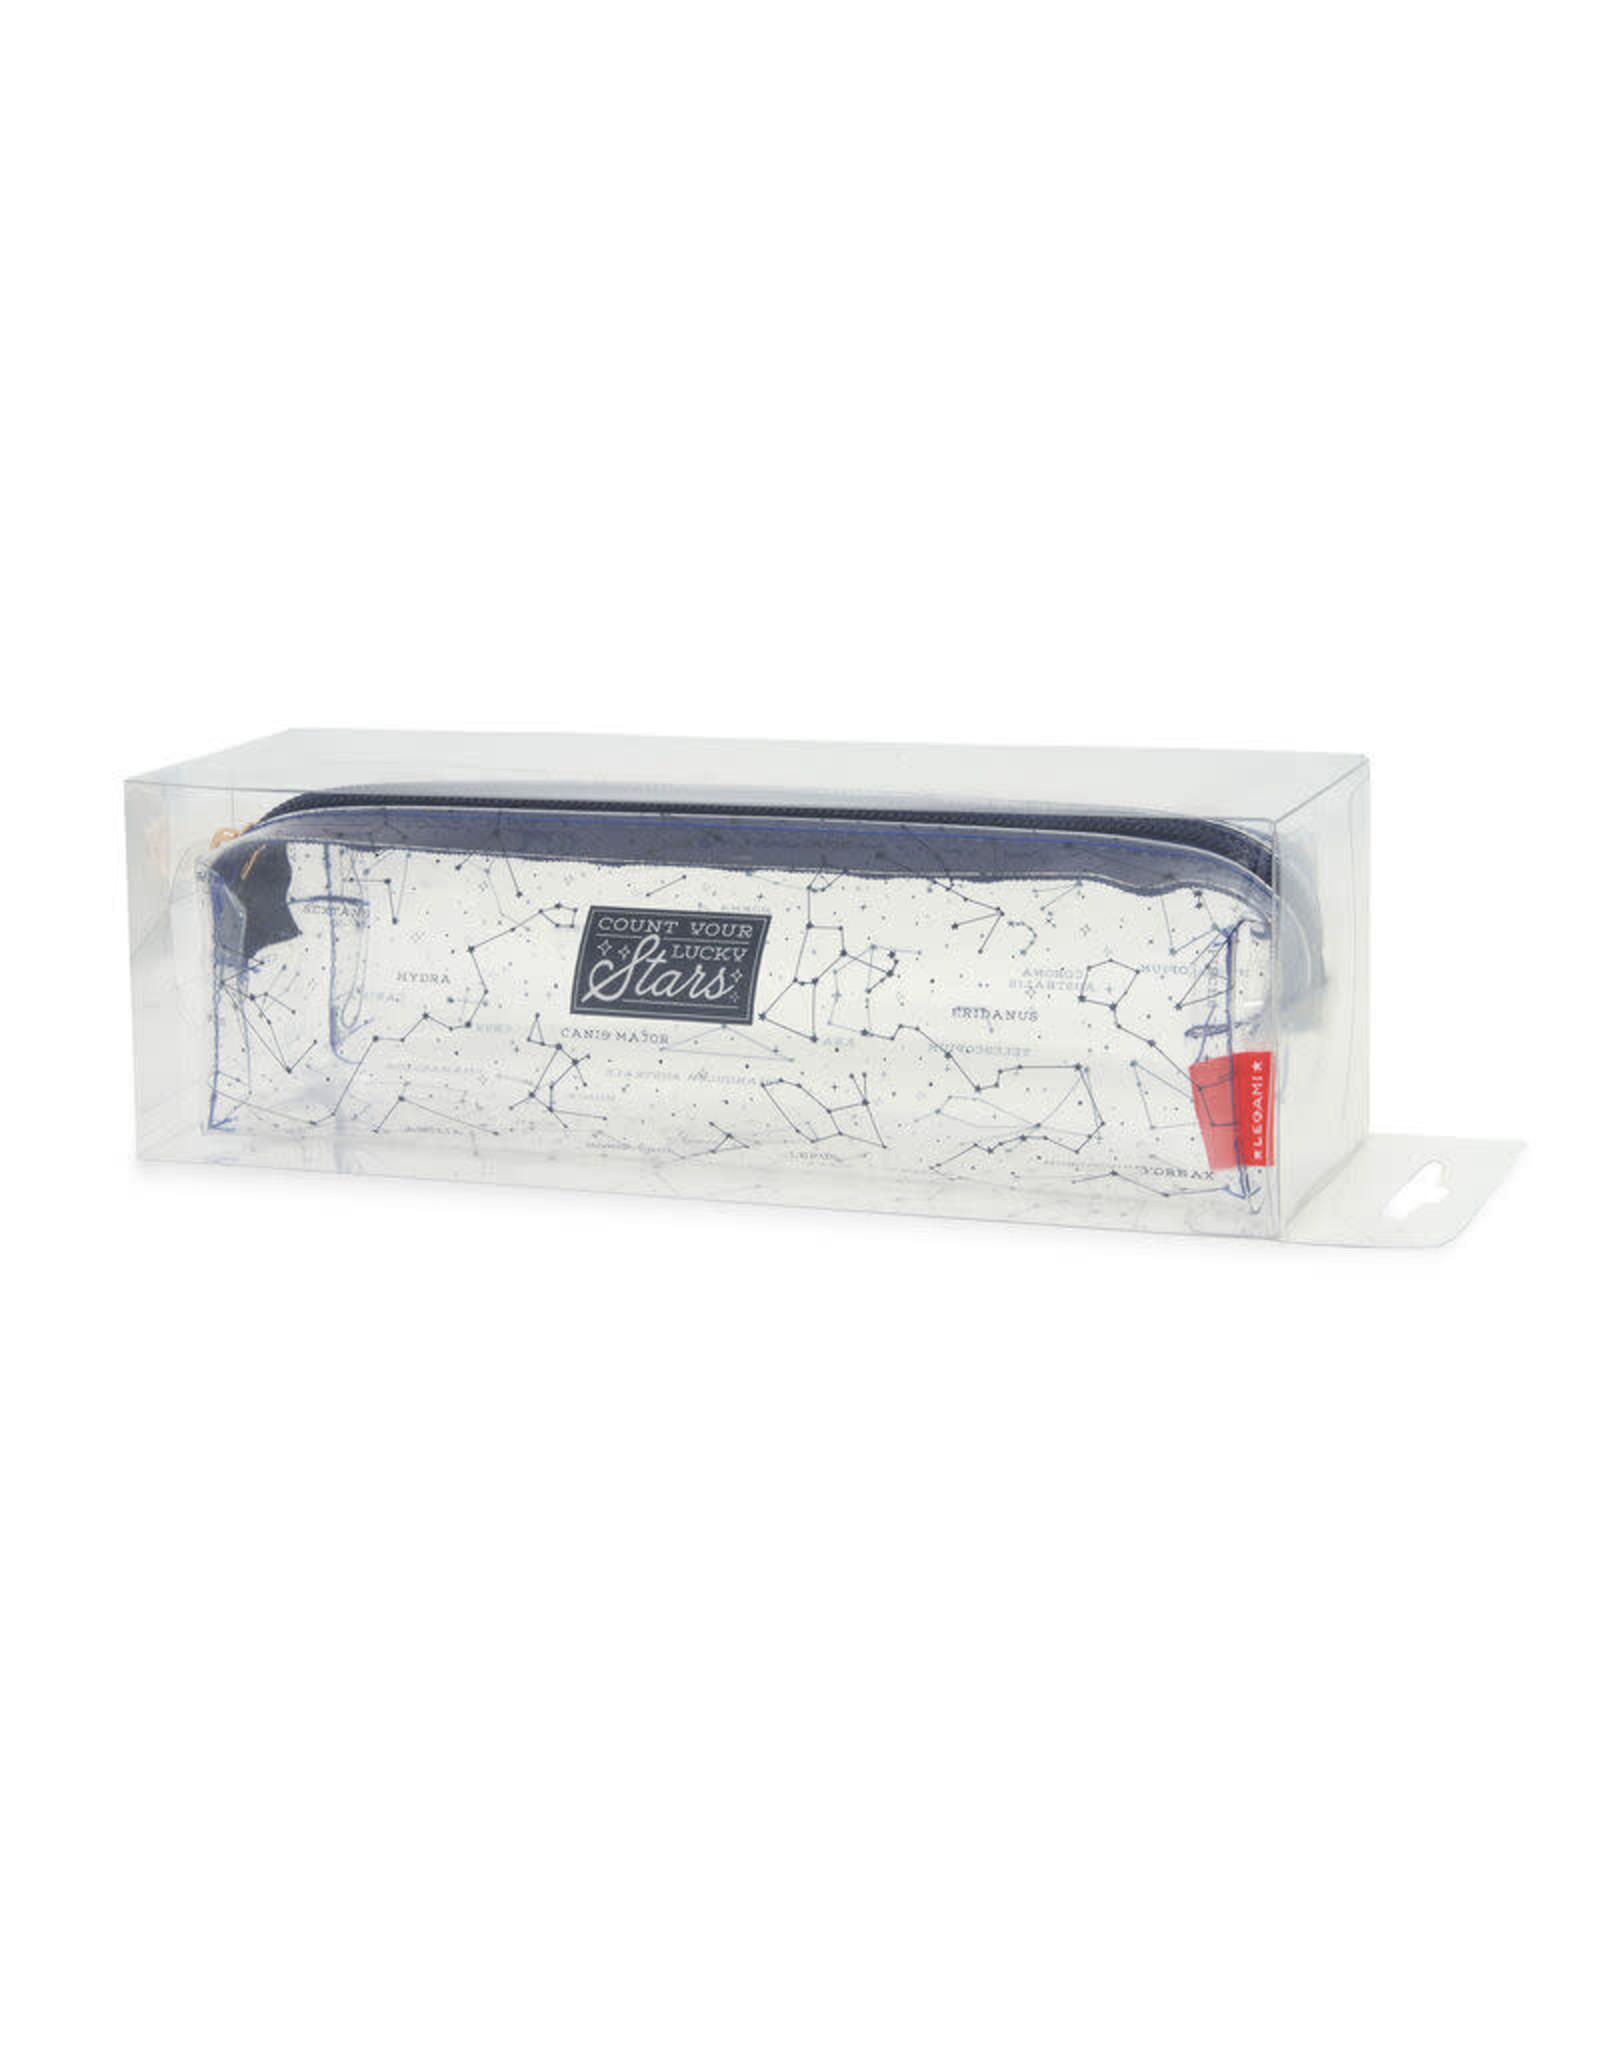 Legami pencil case with star design